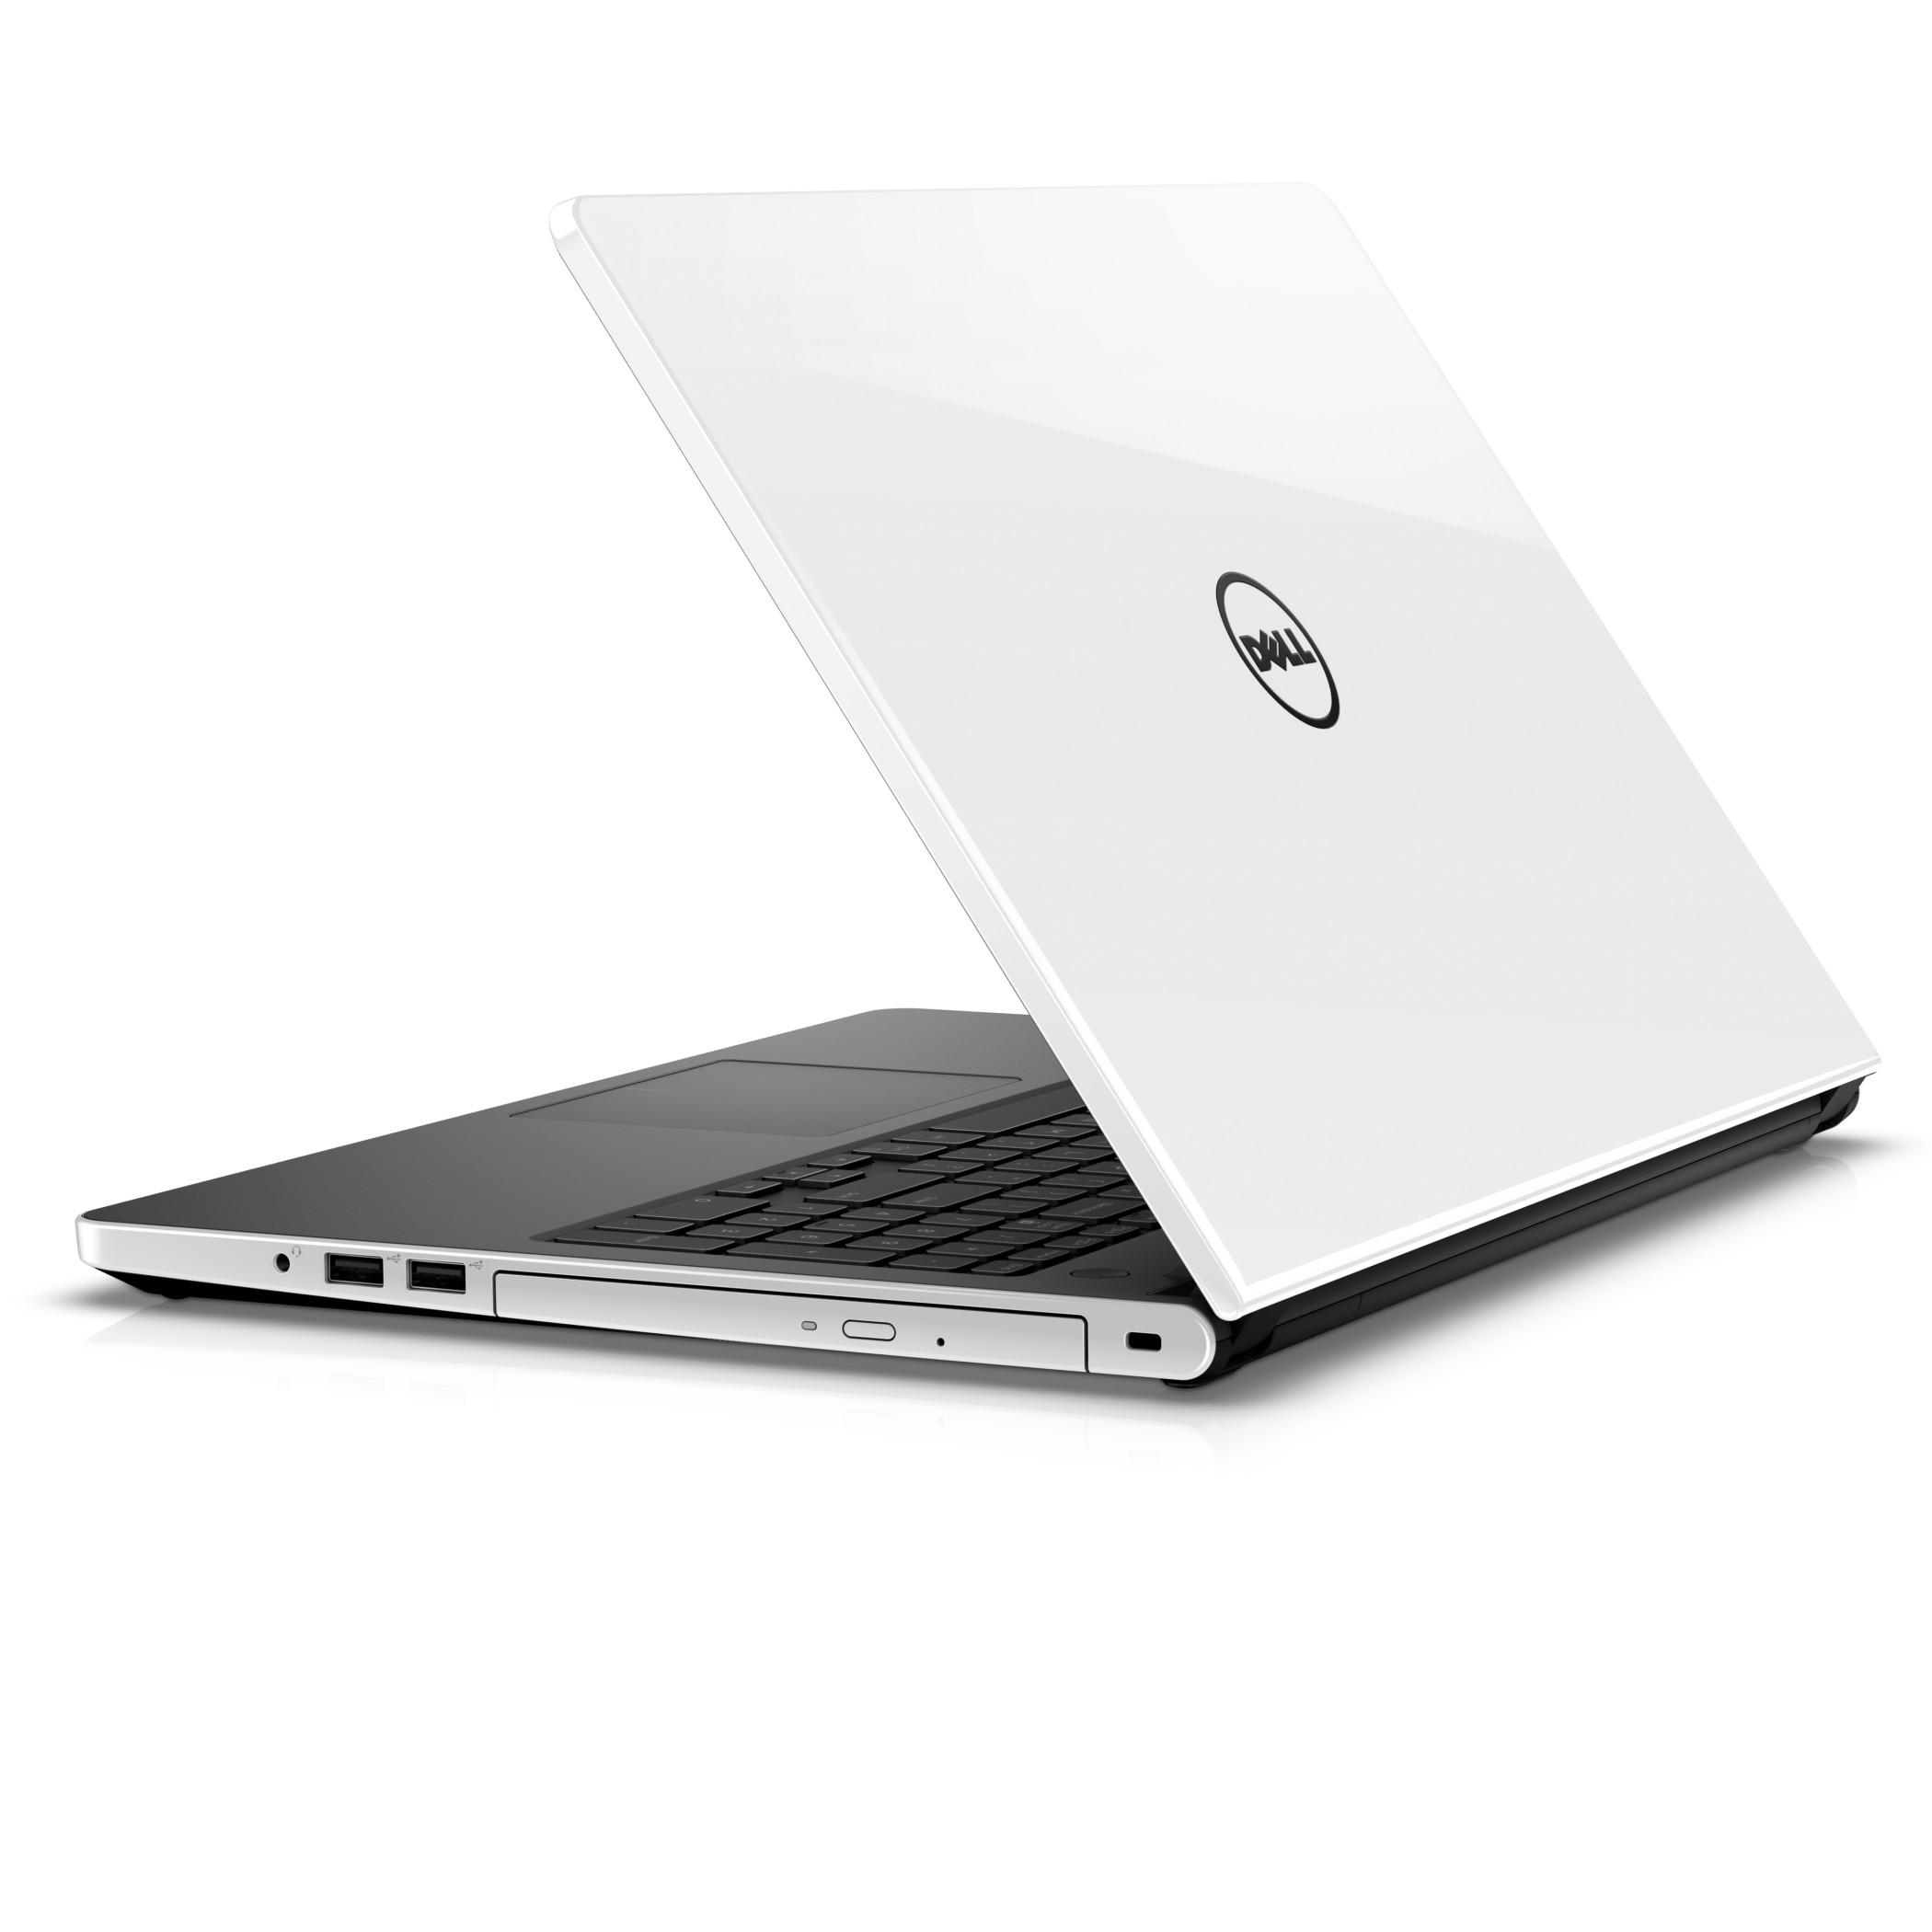 """Dell Inspiron 5559 15"""" HD i5-6200U/4G/1TB/M335-4G/MCR/HDMI/USB/RJ45/DVD/W10/2RNBD/Bílý"""